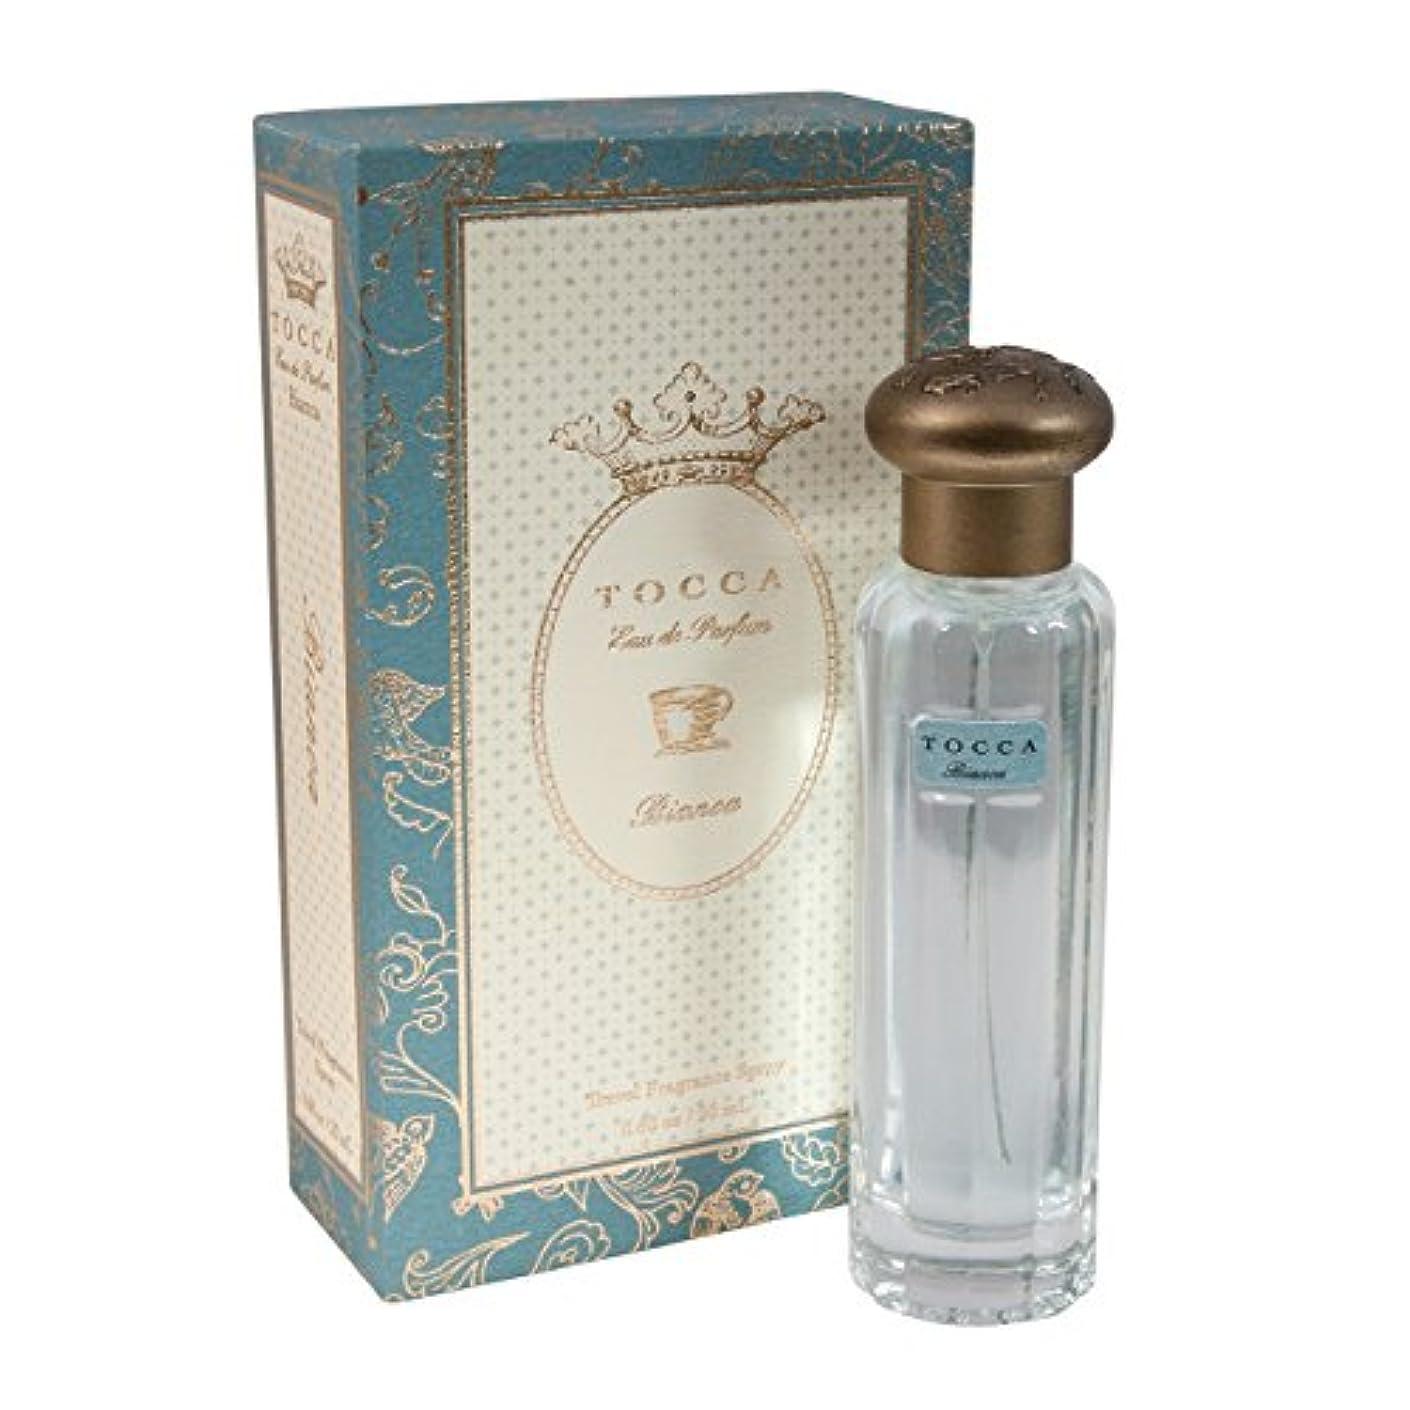 操作可能廊下ドームトッカ(TOCCA)  トラベルフレグランススプレー ビアンカの香り 20ml(香水 オードパルファム 海を眺めながらのティータイムのようなグリーンティーとシトラス、ローズが溶け合う爽やかで甘い香り)